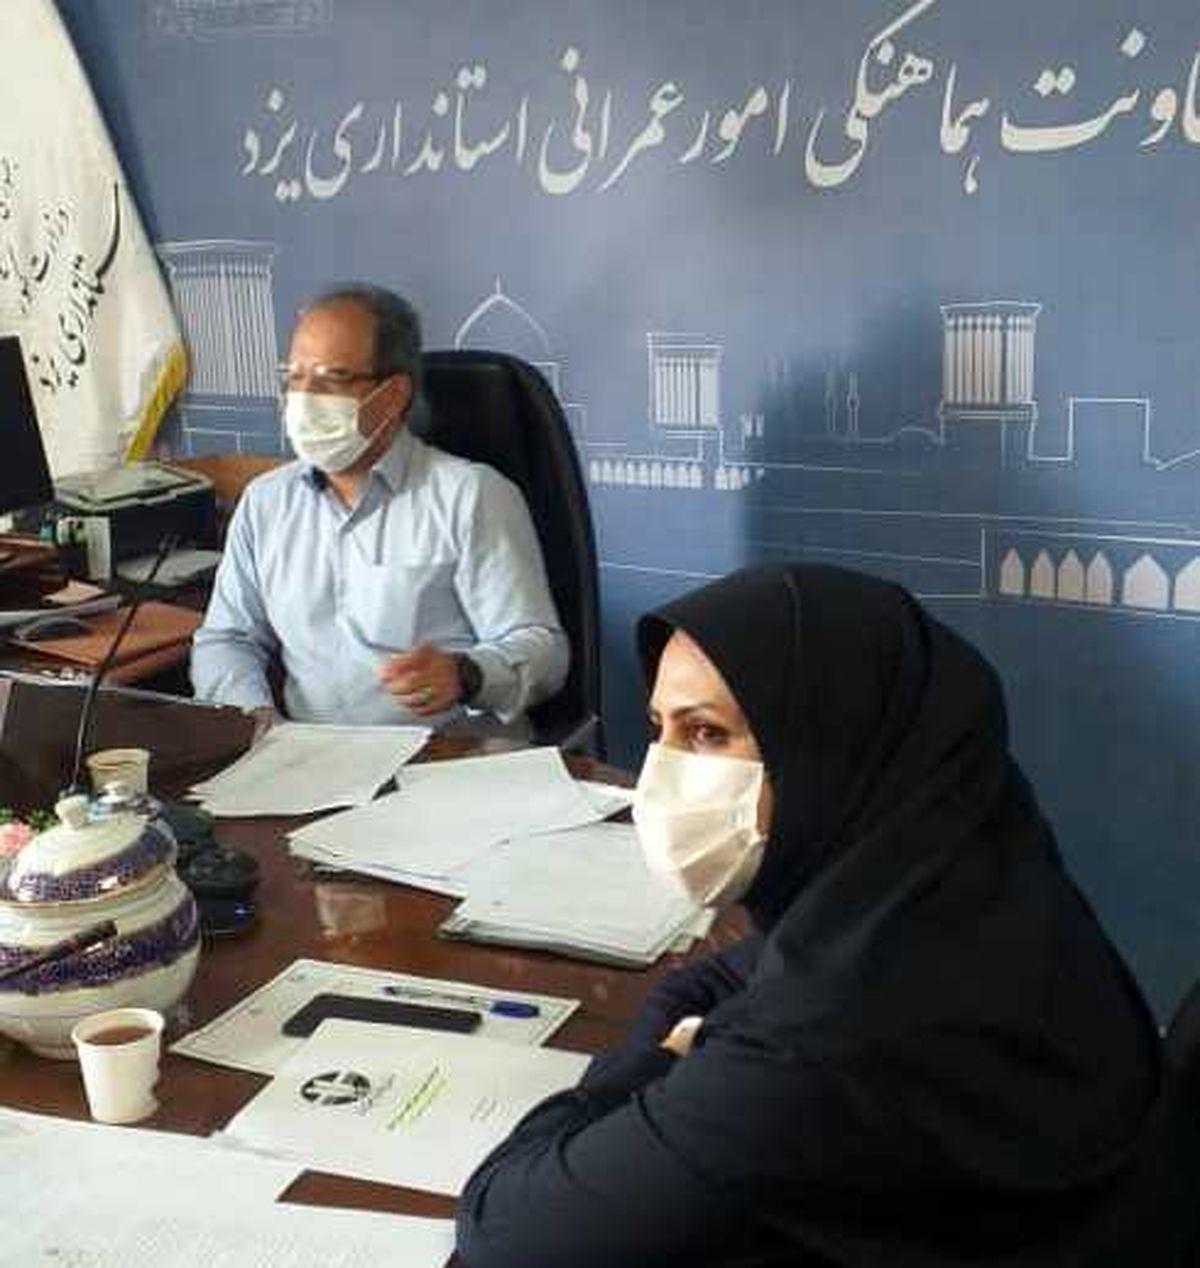 تاکید معاون عمرانی استاندار یزد بر انتقال کارخانه های آلاینده از محدوده شهرها